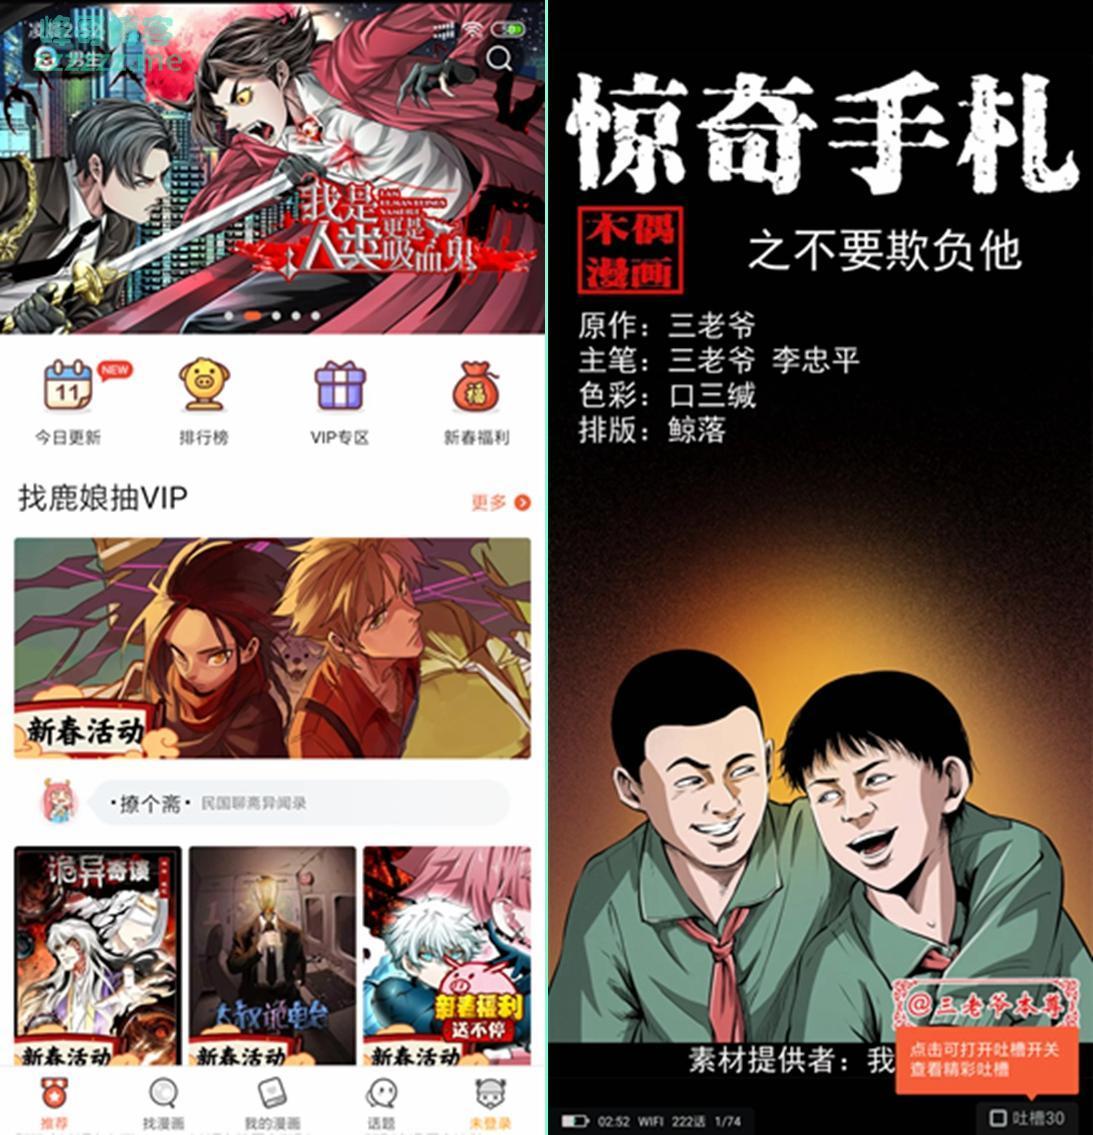 安卓网易漫画V4.6.3 最新VIP会员直装破解版 所有VIP付费漫画免费看!